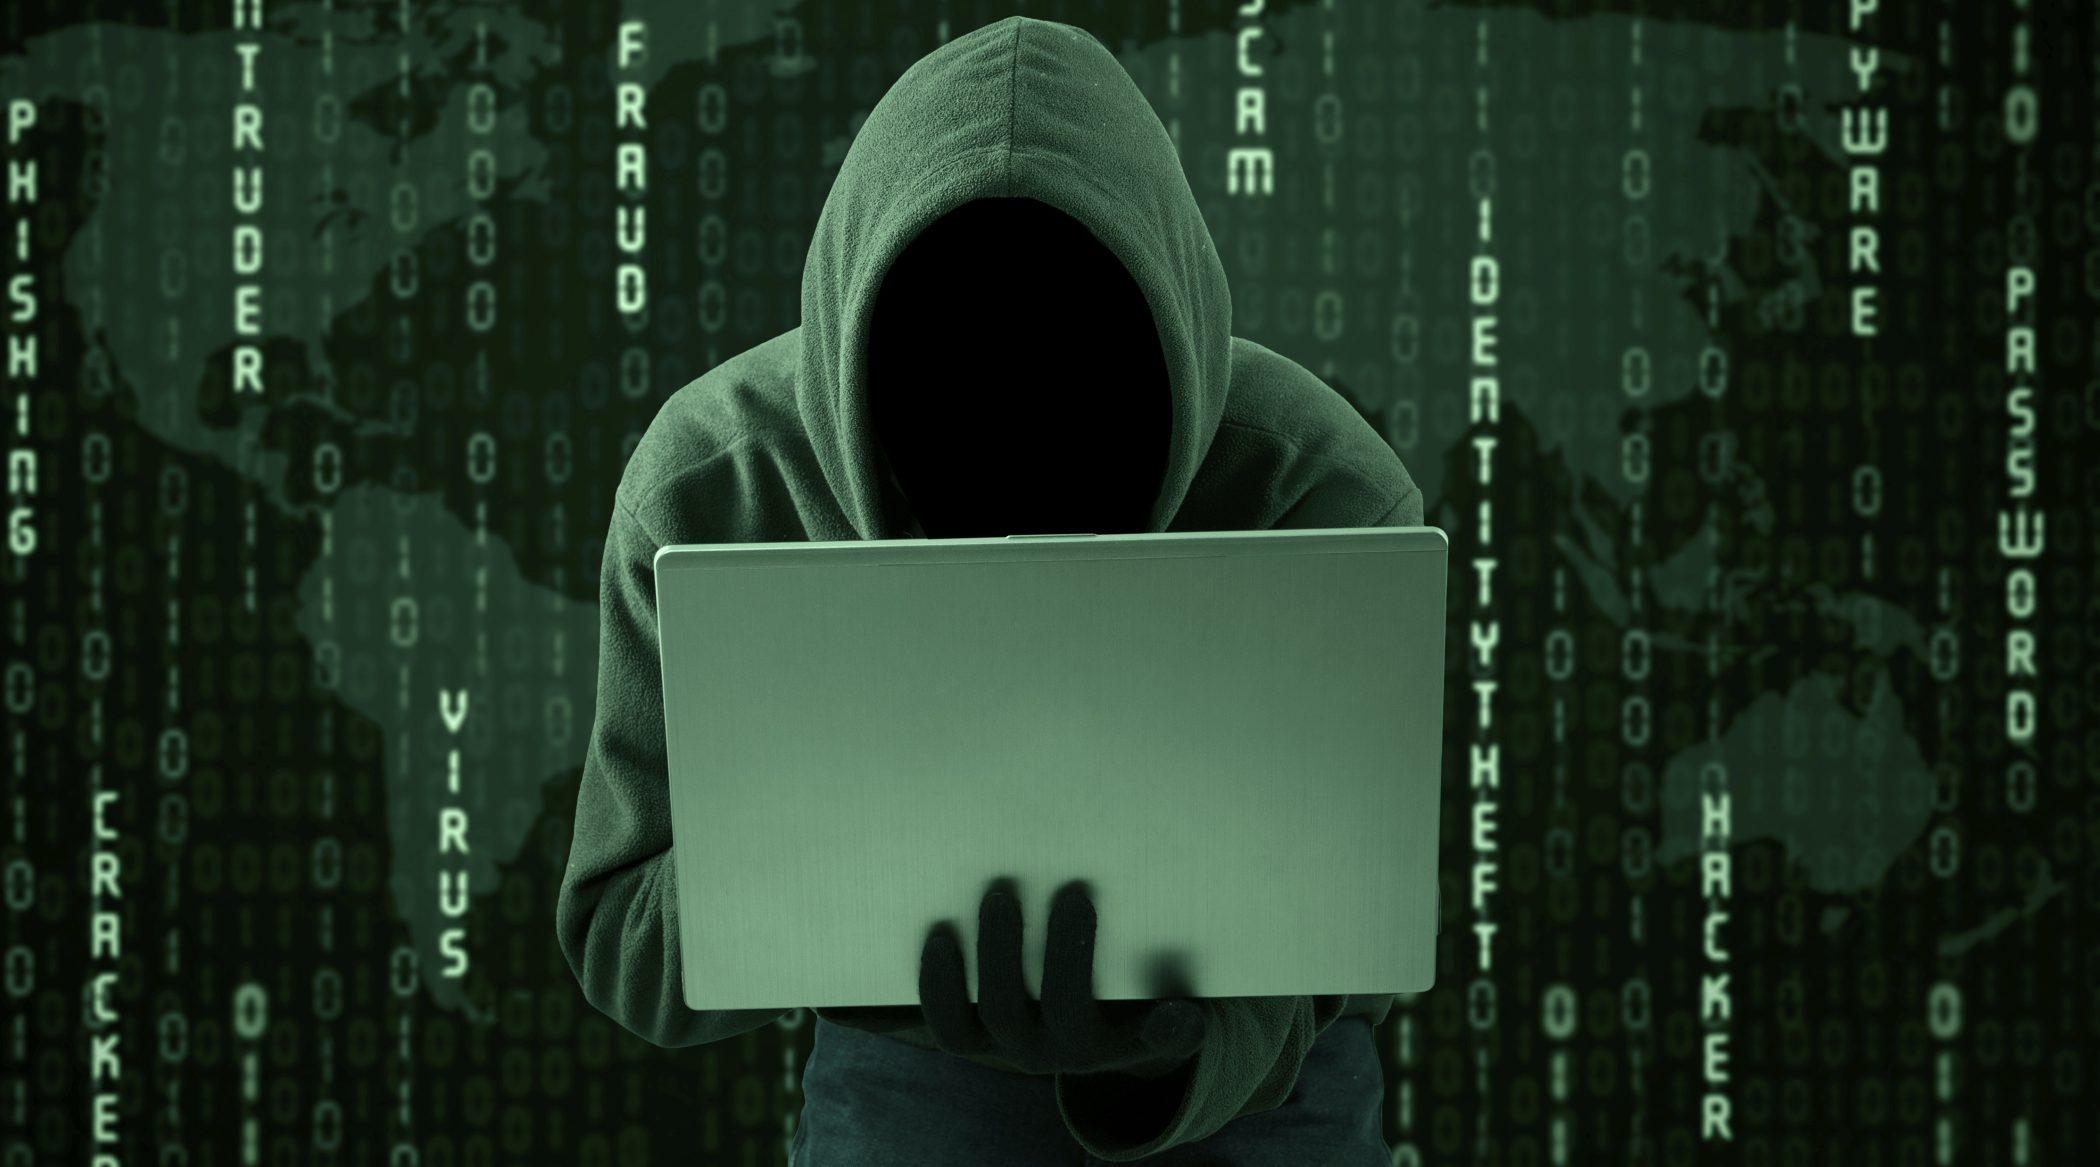 hacker-hacking-dark-hoodie